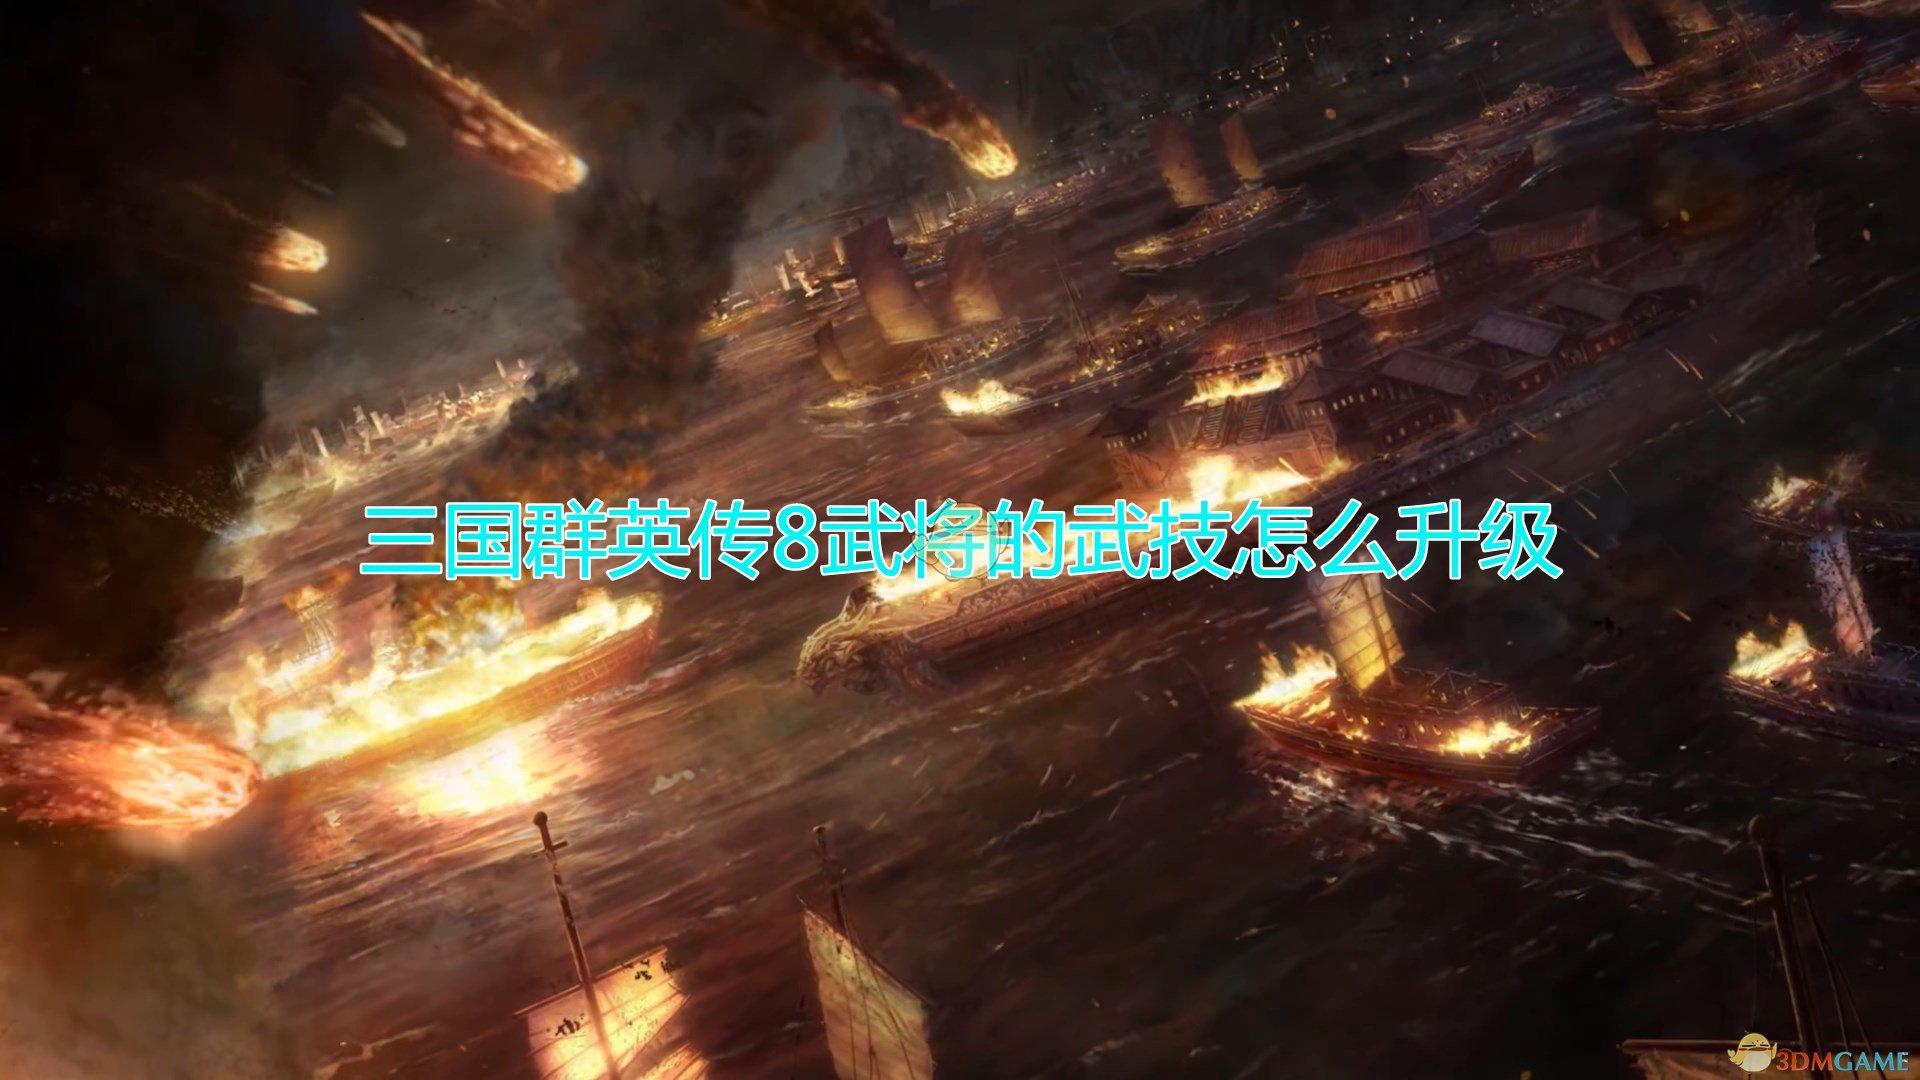 《三国群英传8》武将武技升级方法介绍